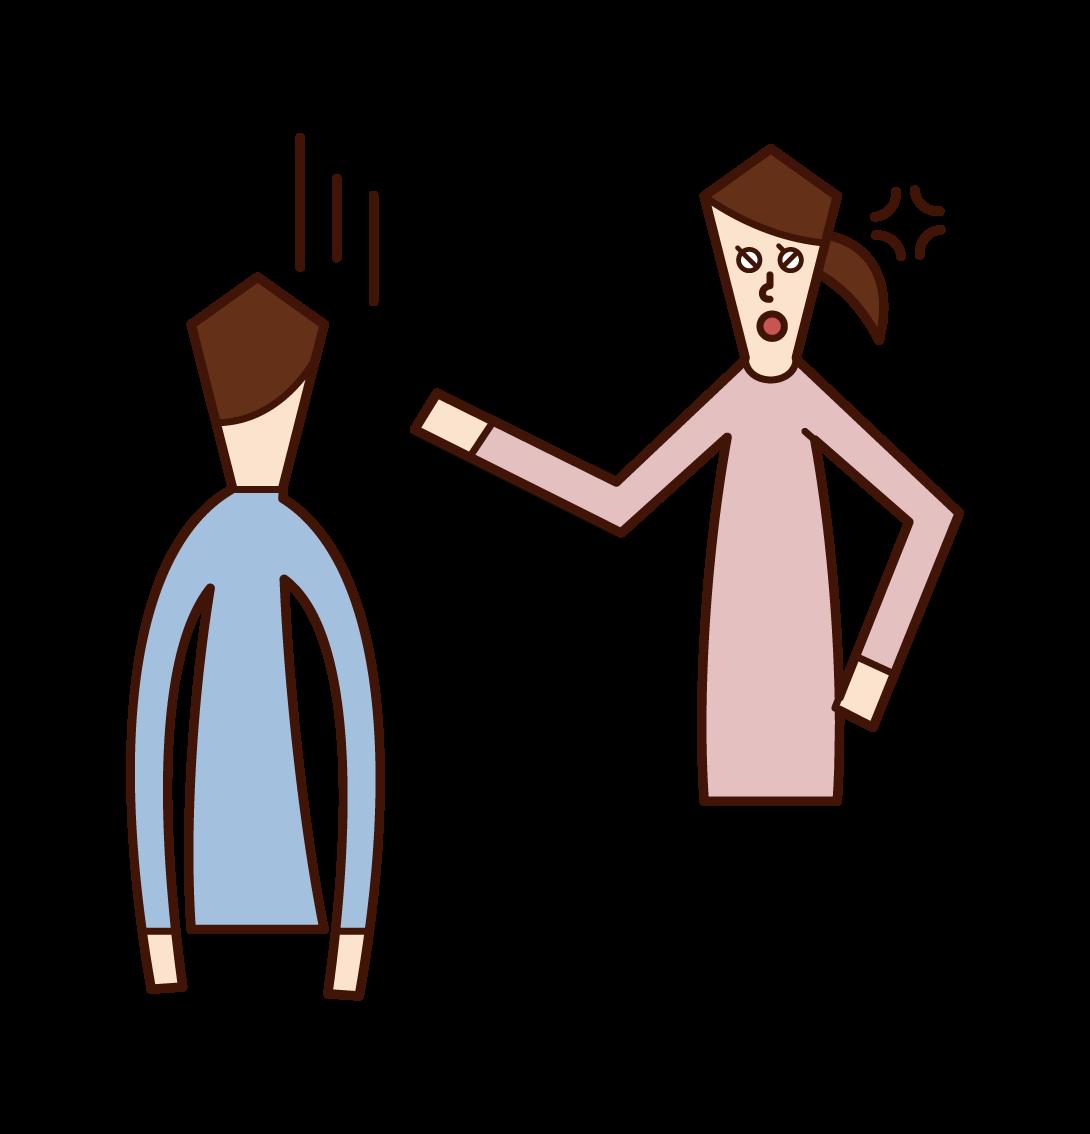 怒る人(女性)のイラスト